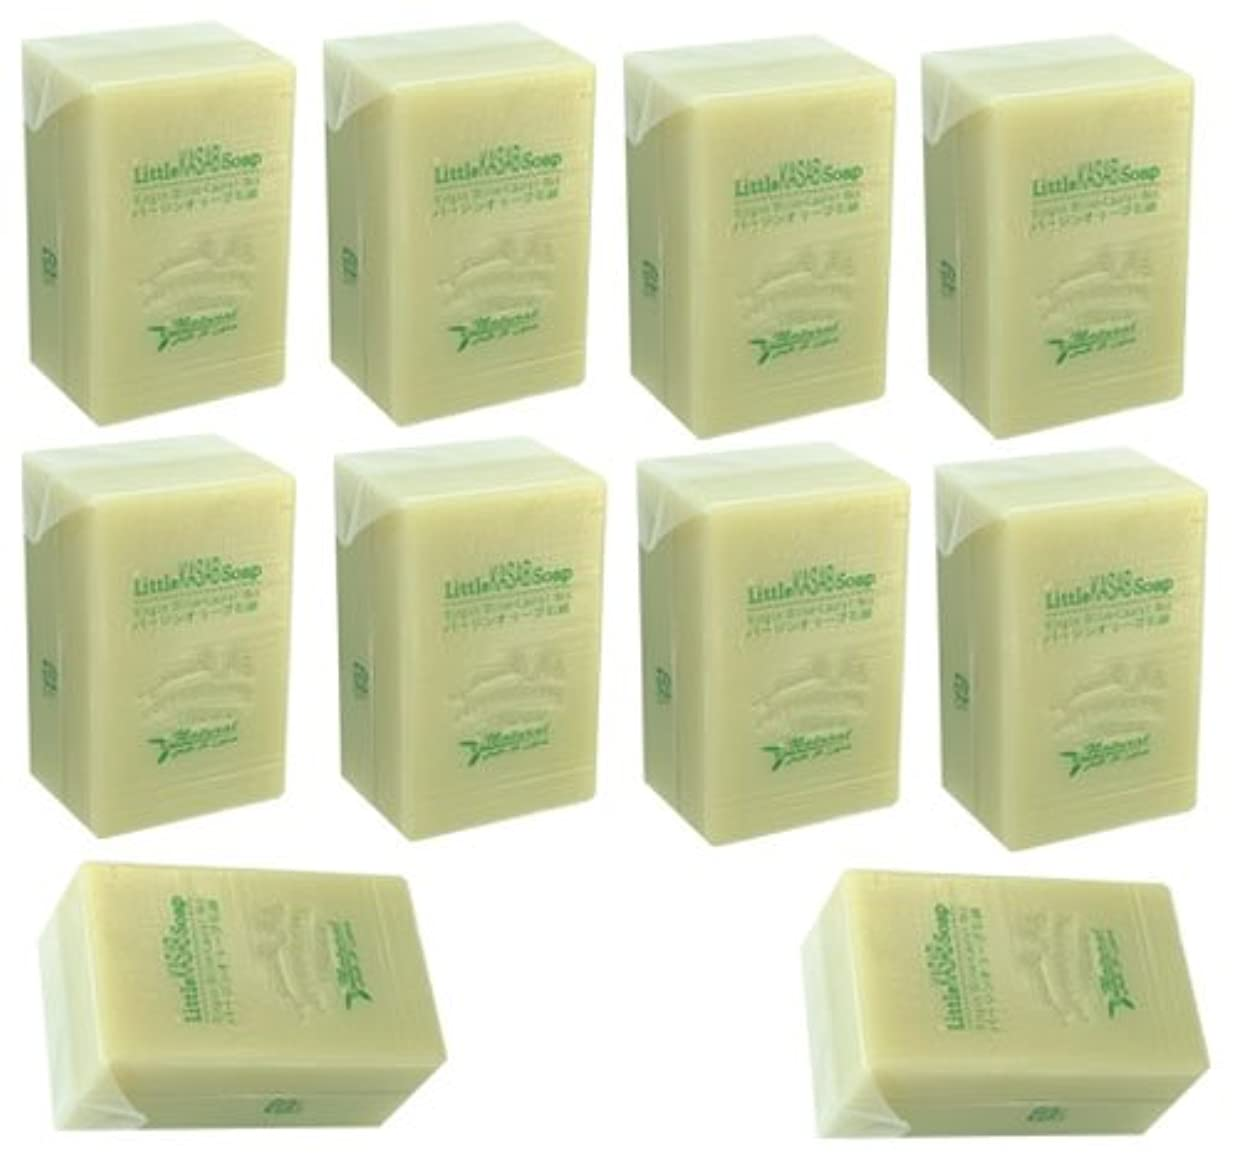 ラビリンス男性加速度リトルカサブ石鹸10個セット